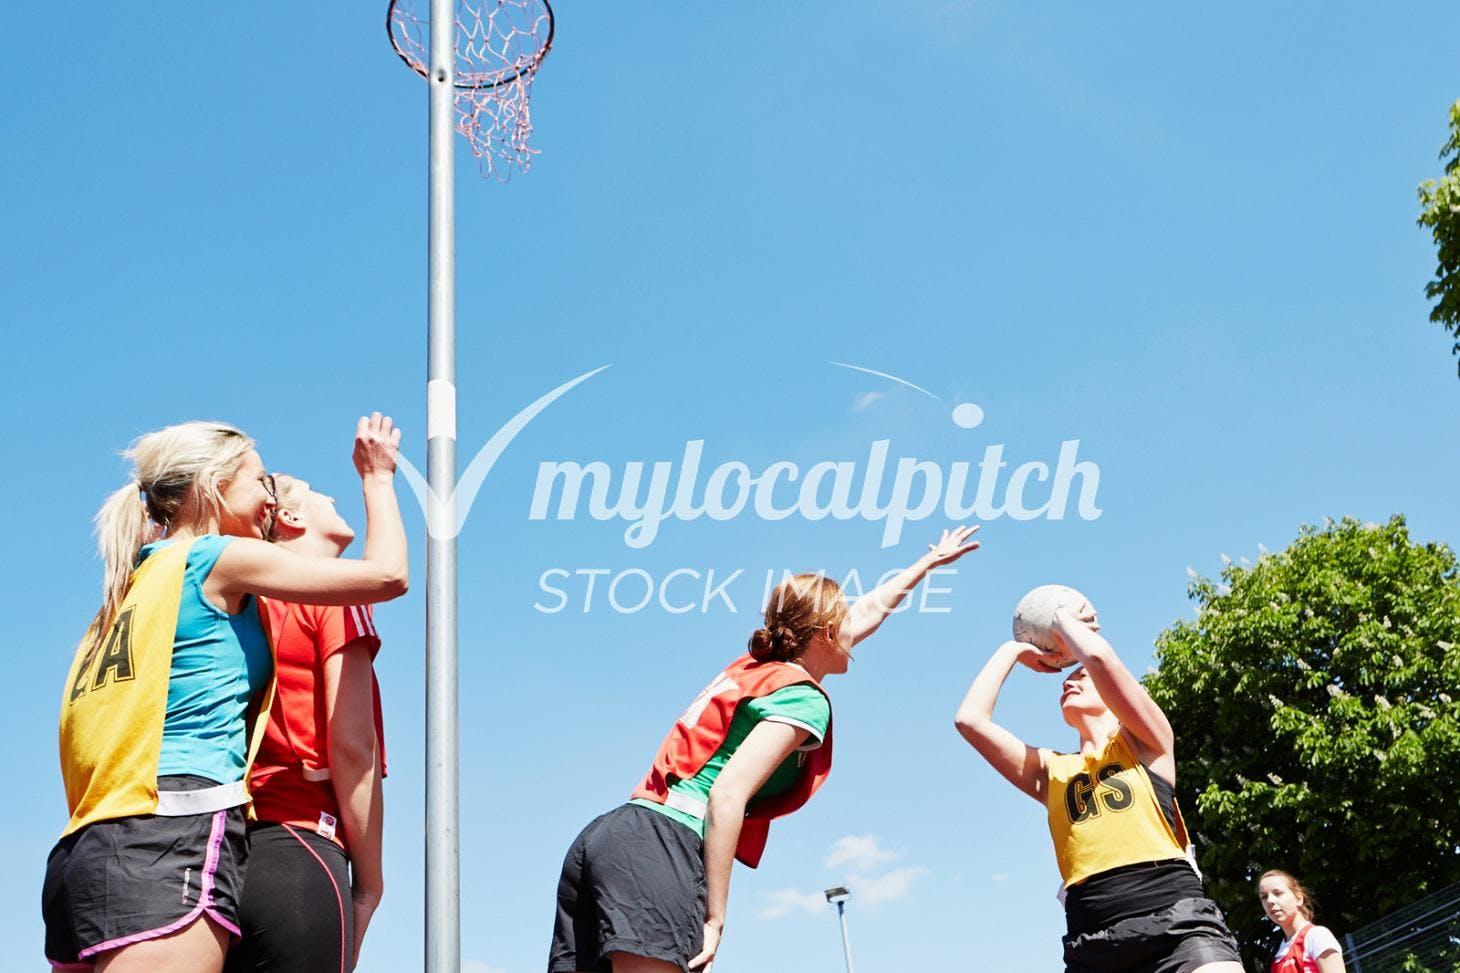 Hertfordshire Sports Village Outdoor | Hard (macadam) netball court